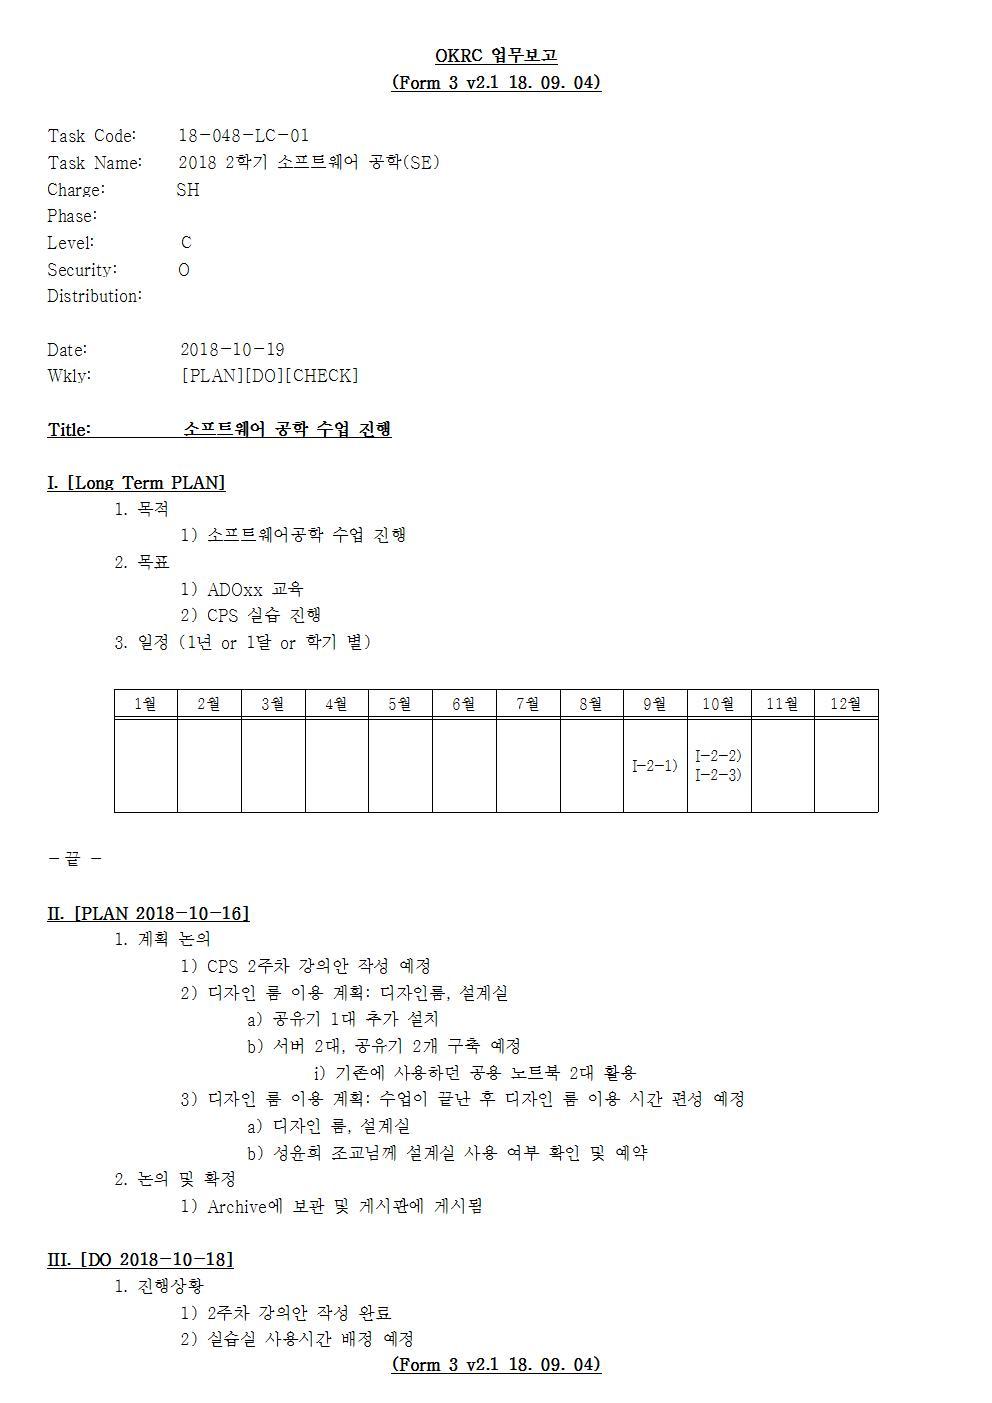 D-[18-048-LC-01]-[SE]-[2018-10-19][SH]001.jpg